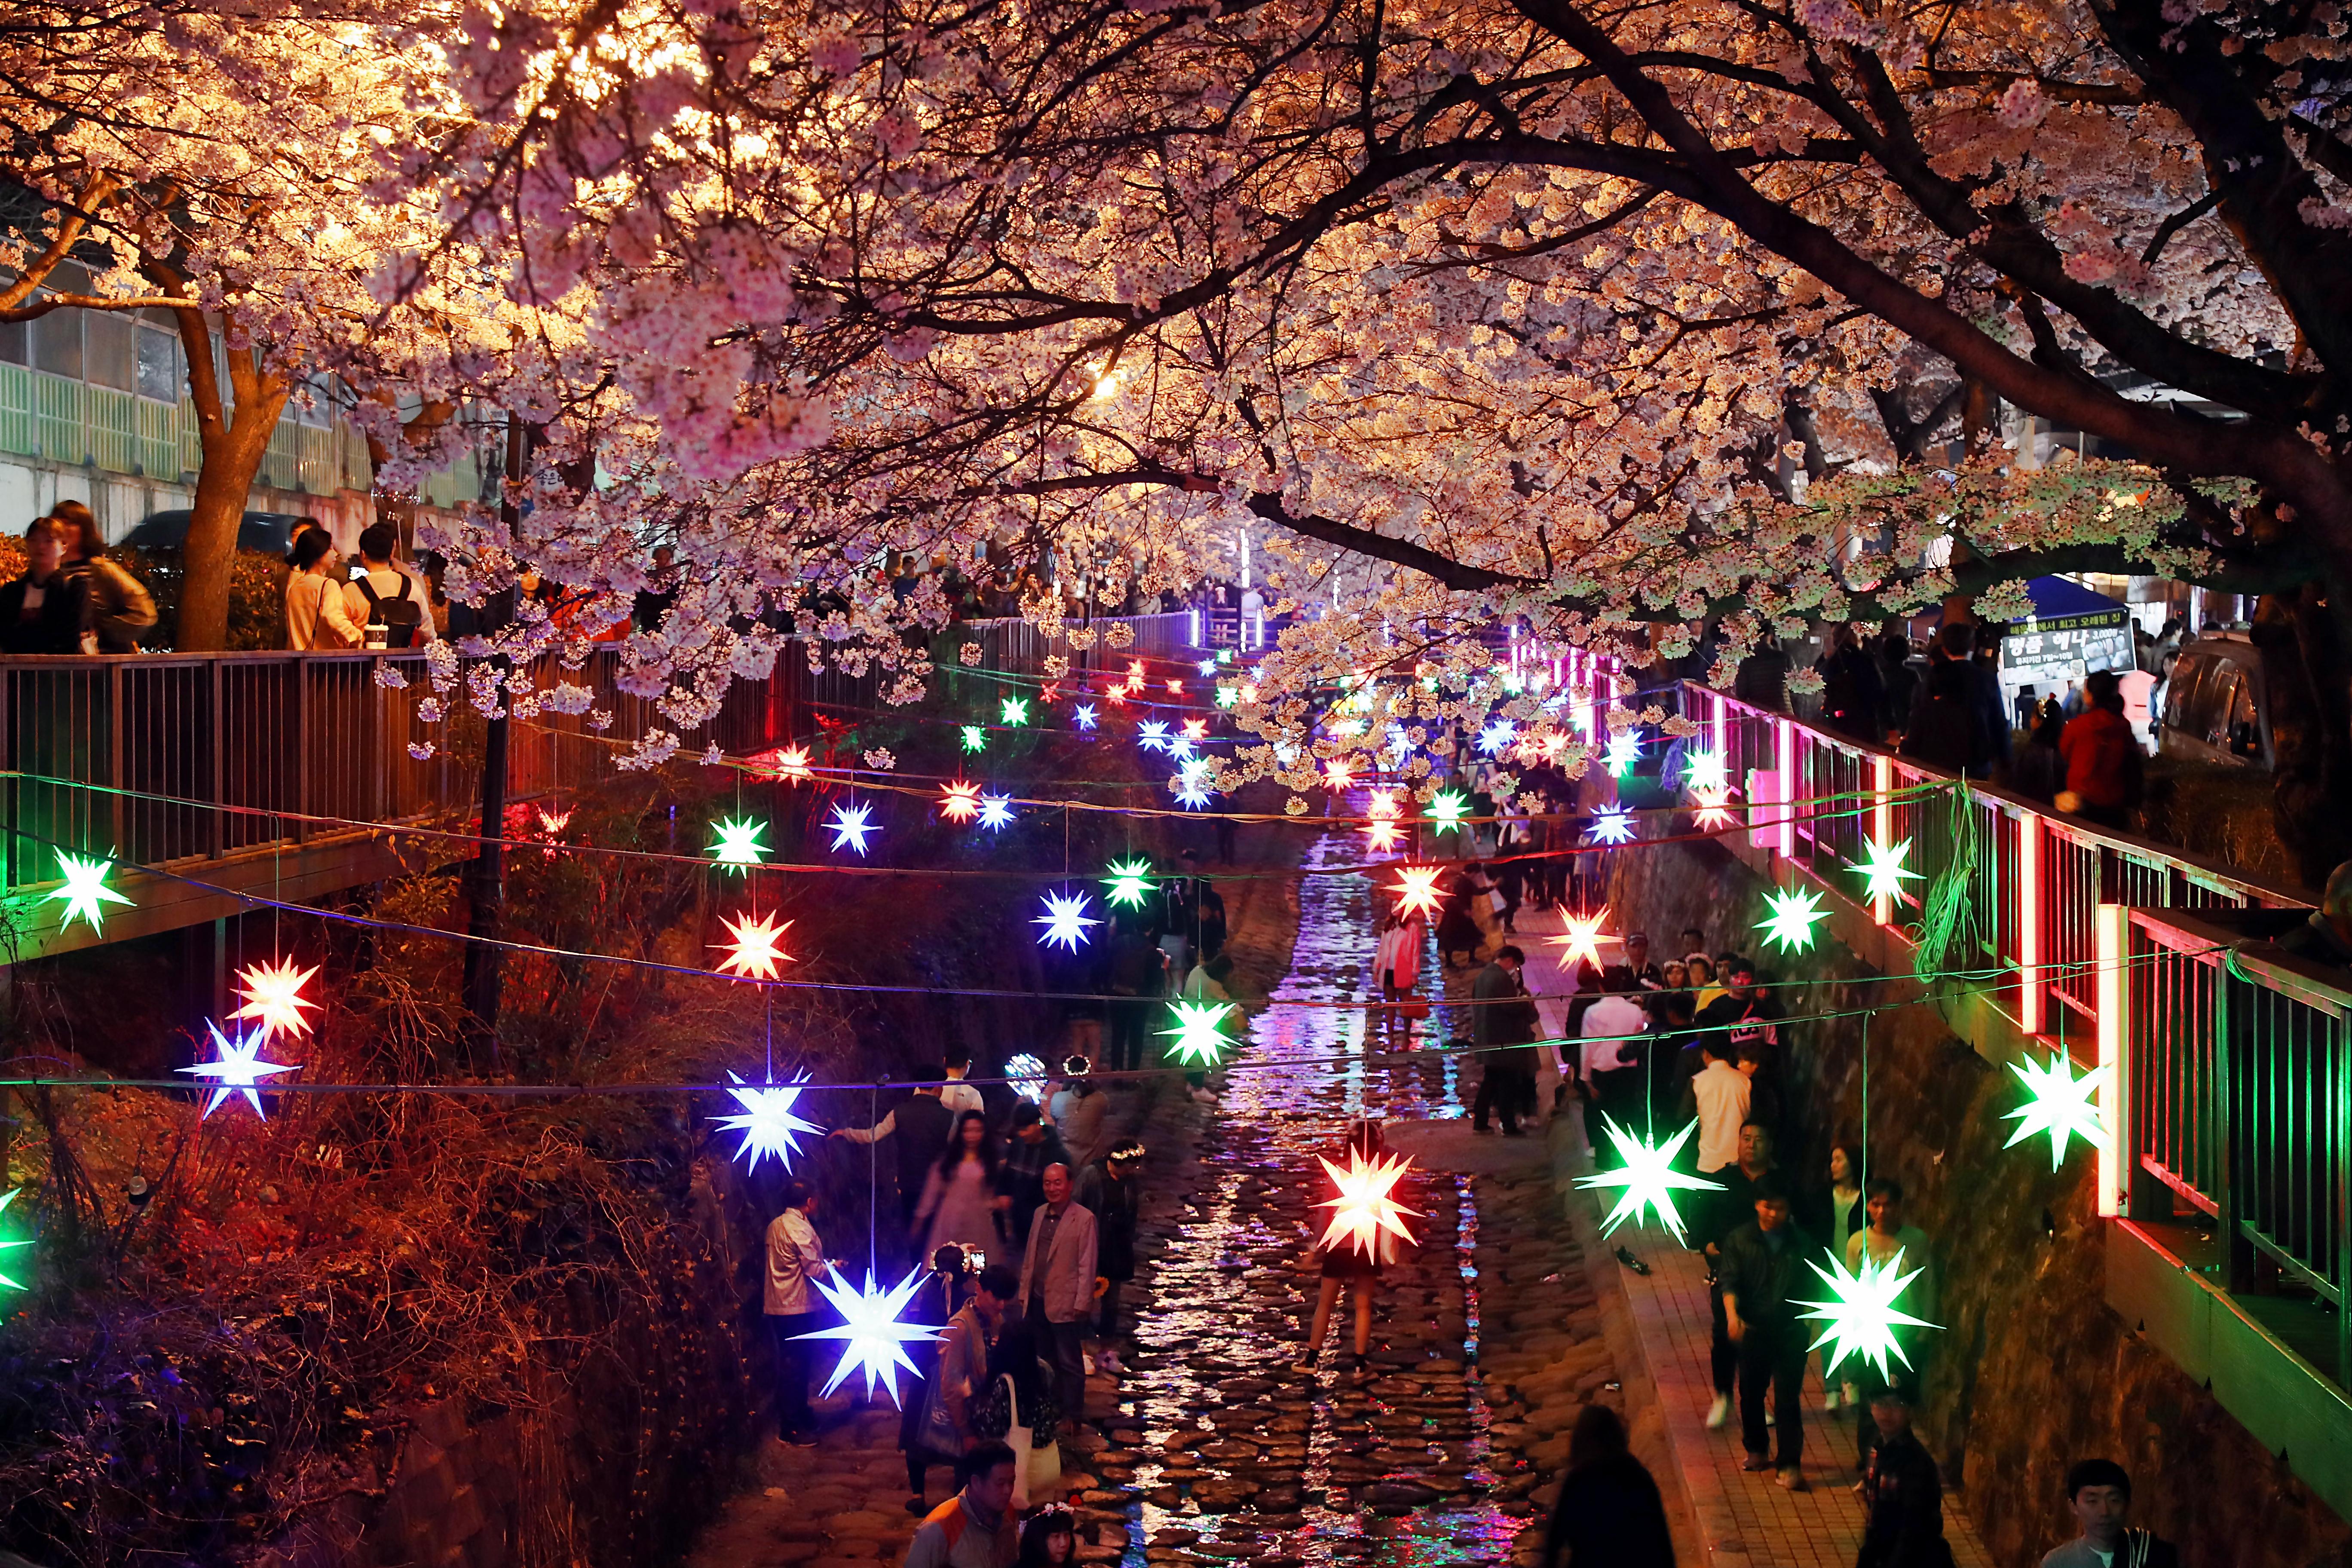 (봄) 진해 군항제 벚꽃축제 (야간) - 부산출발